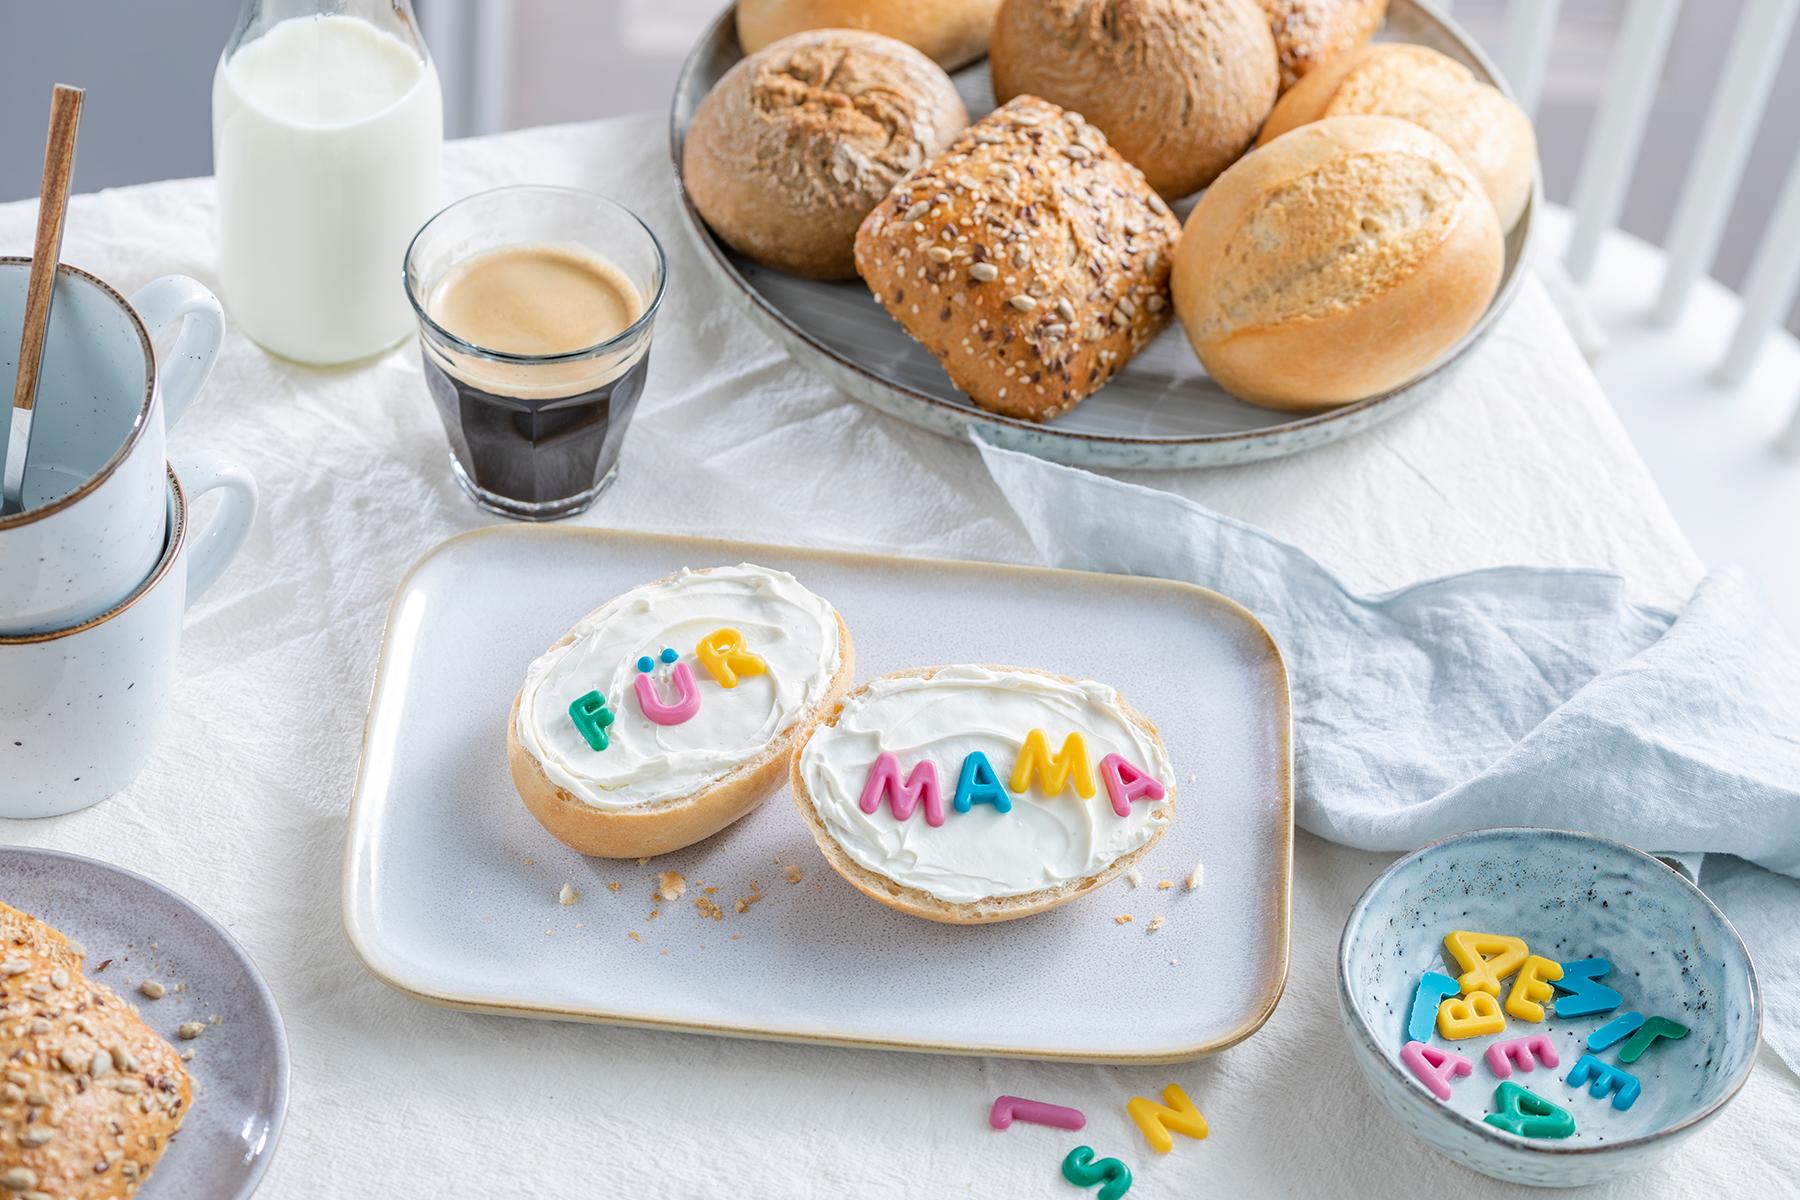 Frühstück zum Muttertag - schöne Überraschung